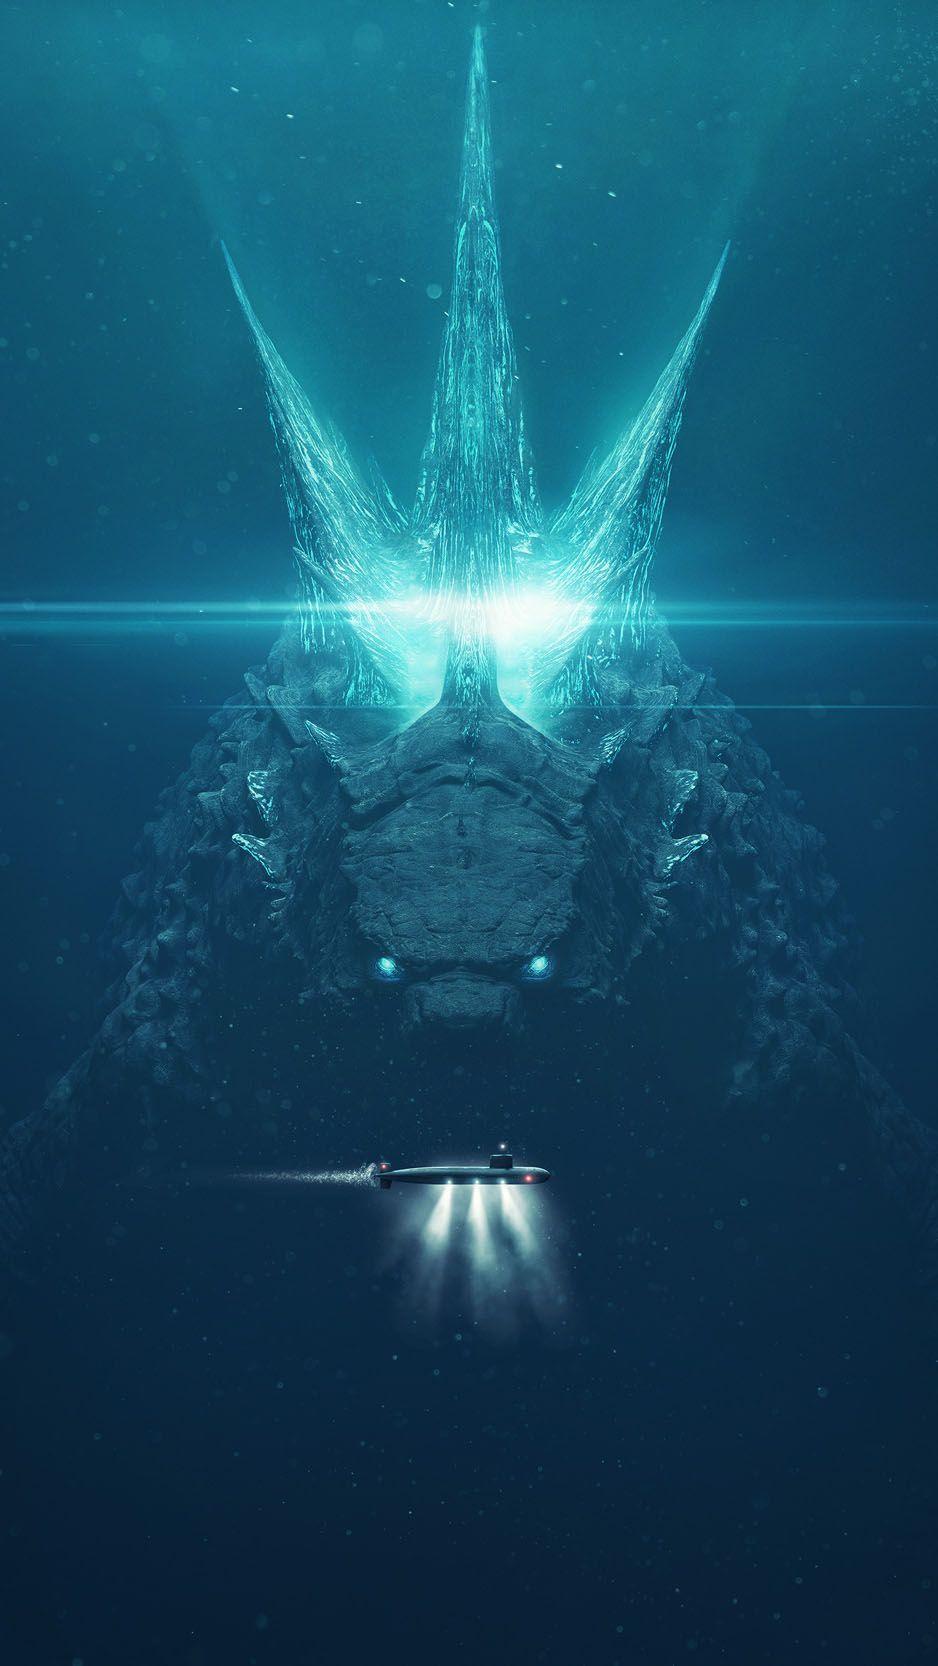 Games Wallpapers Iphone Hd In 2020 Godzilla Wallpaper Godzilla Vs Kaiju Monsters